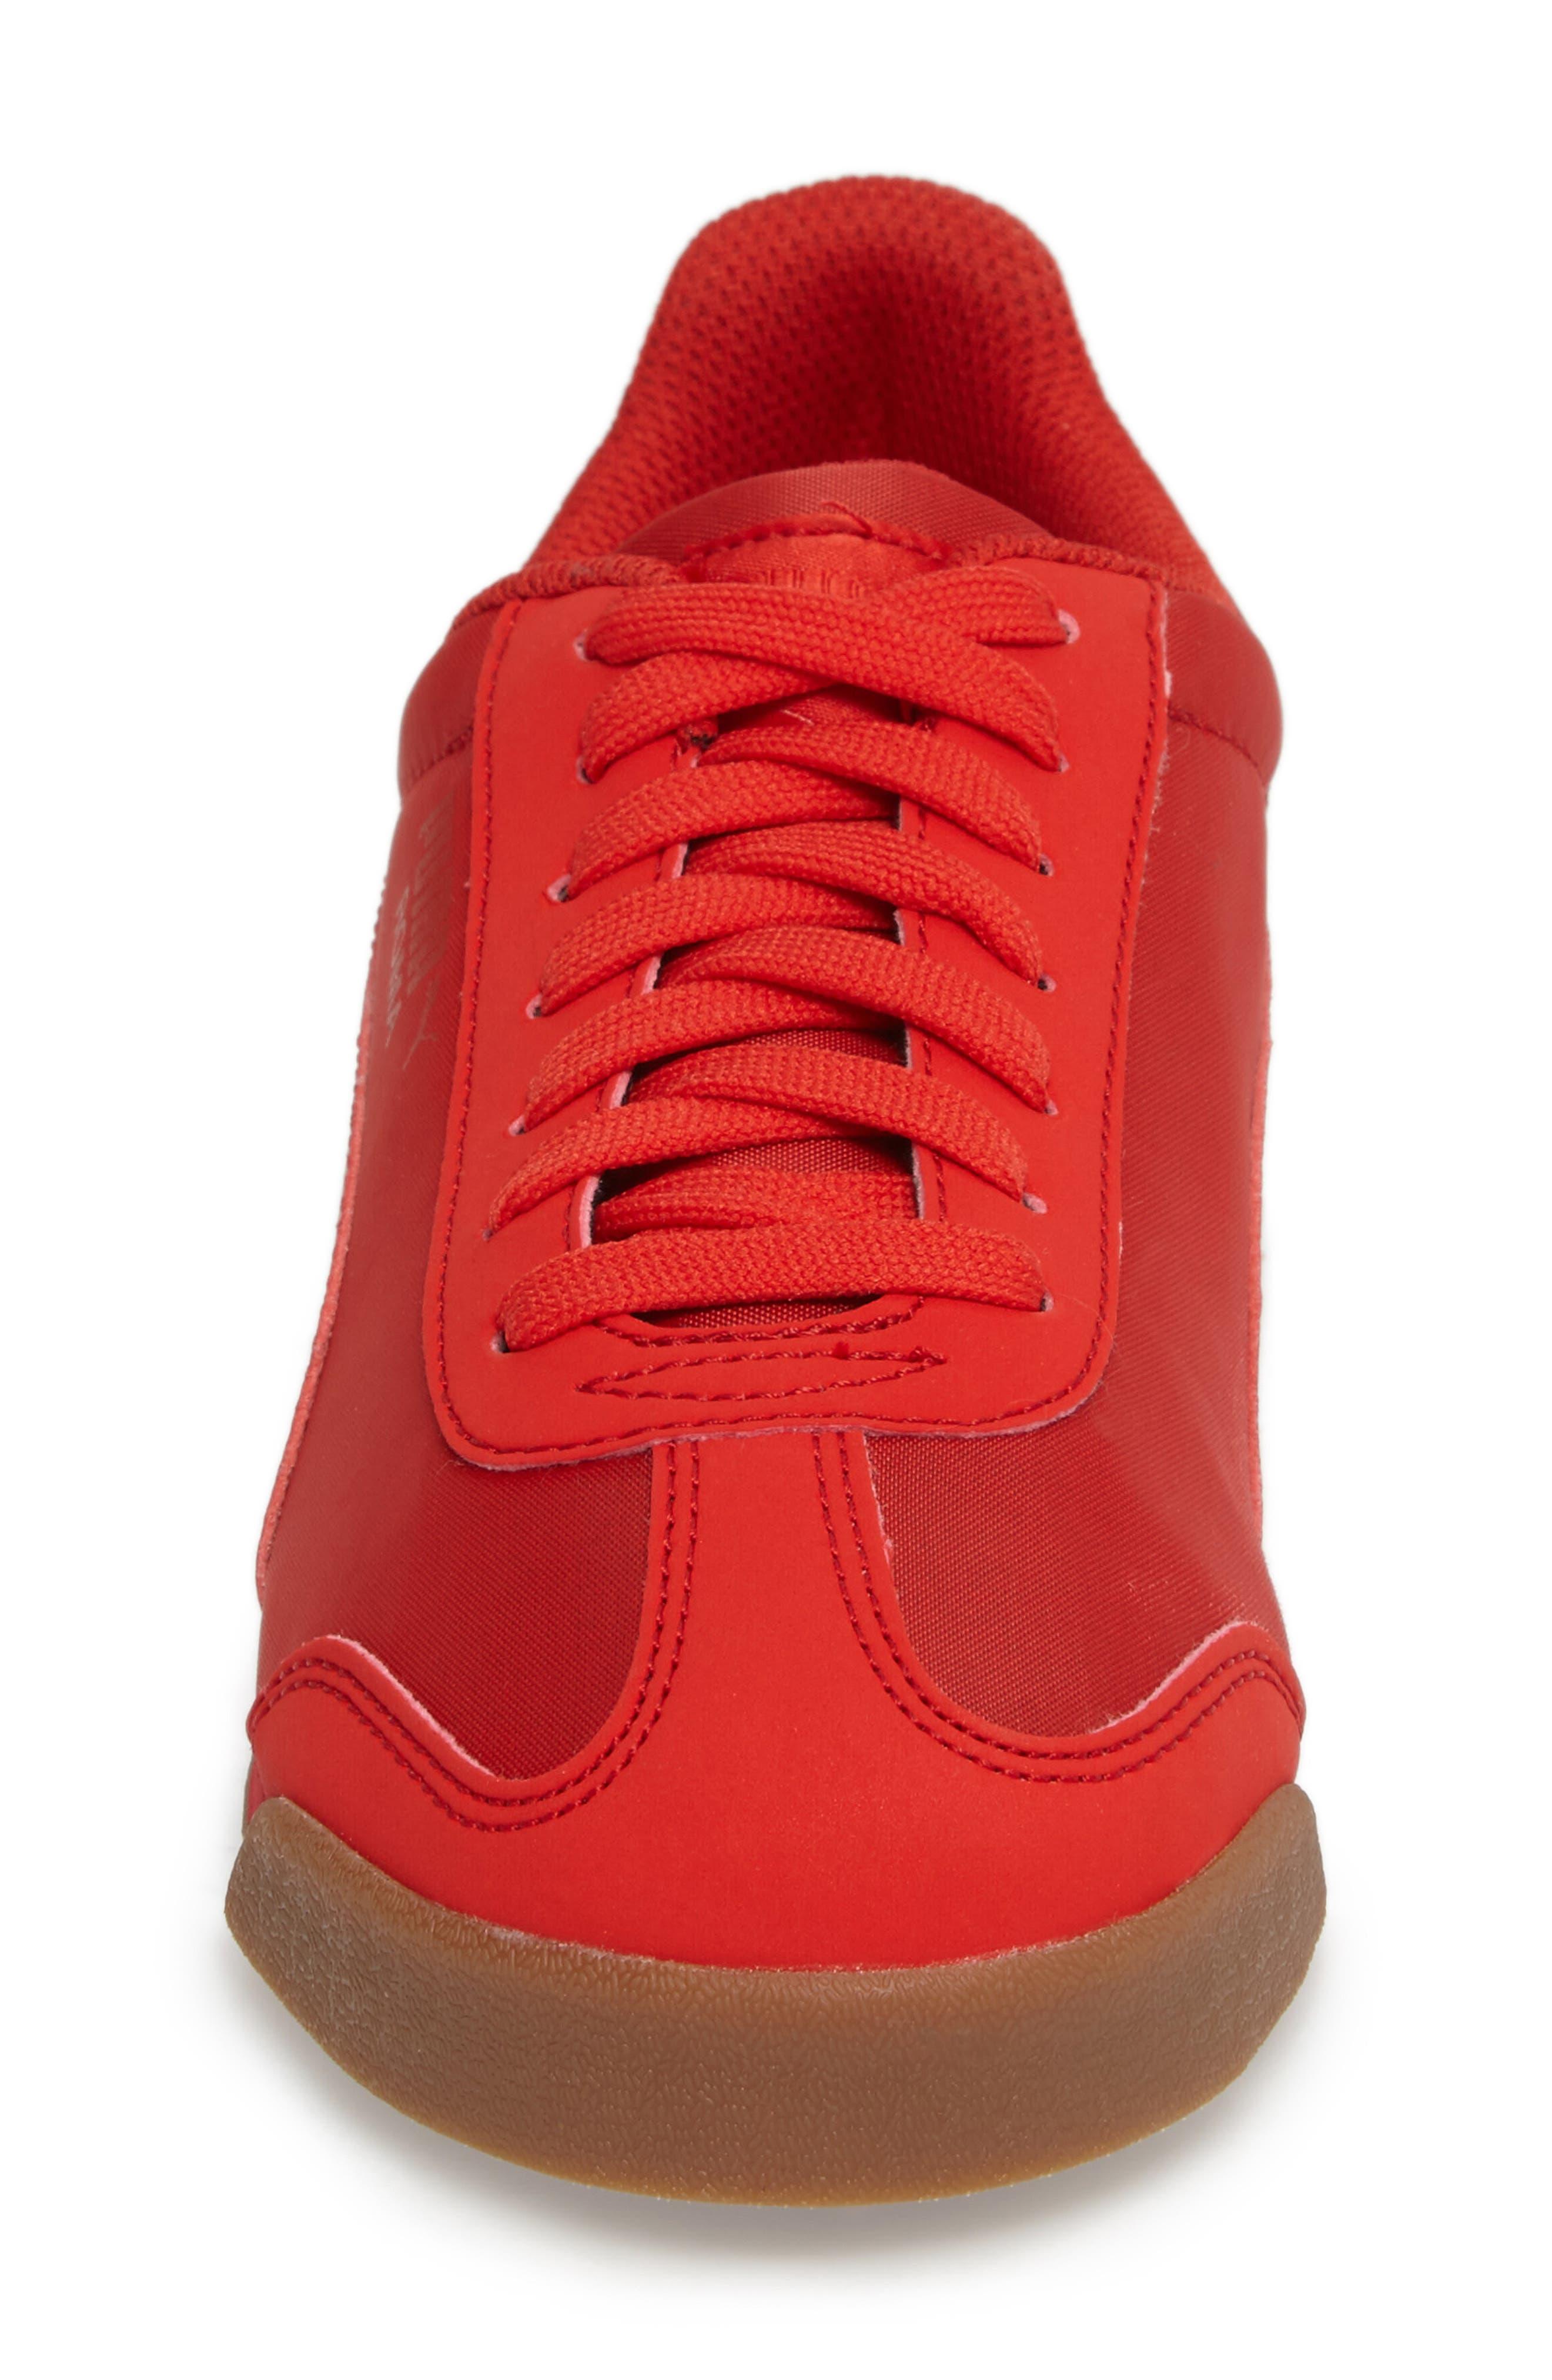 Roma Basic Summer Sneaker,                             Alternate thumbnail 4, color,                             High Risk Red